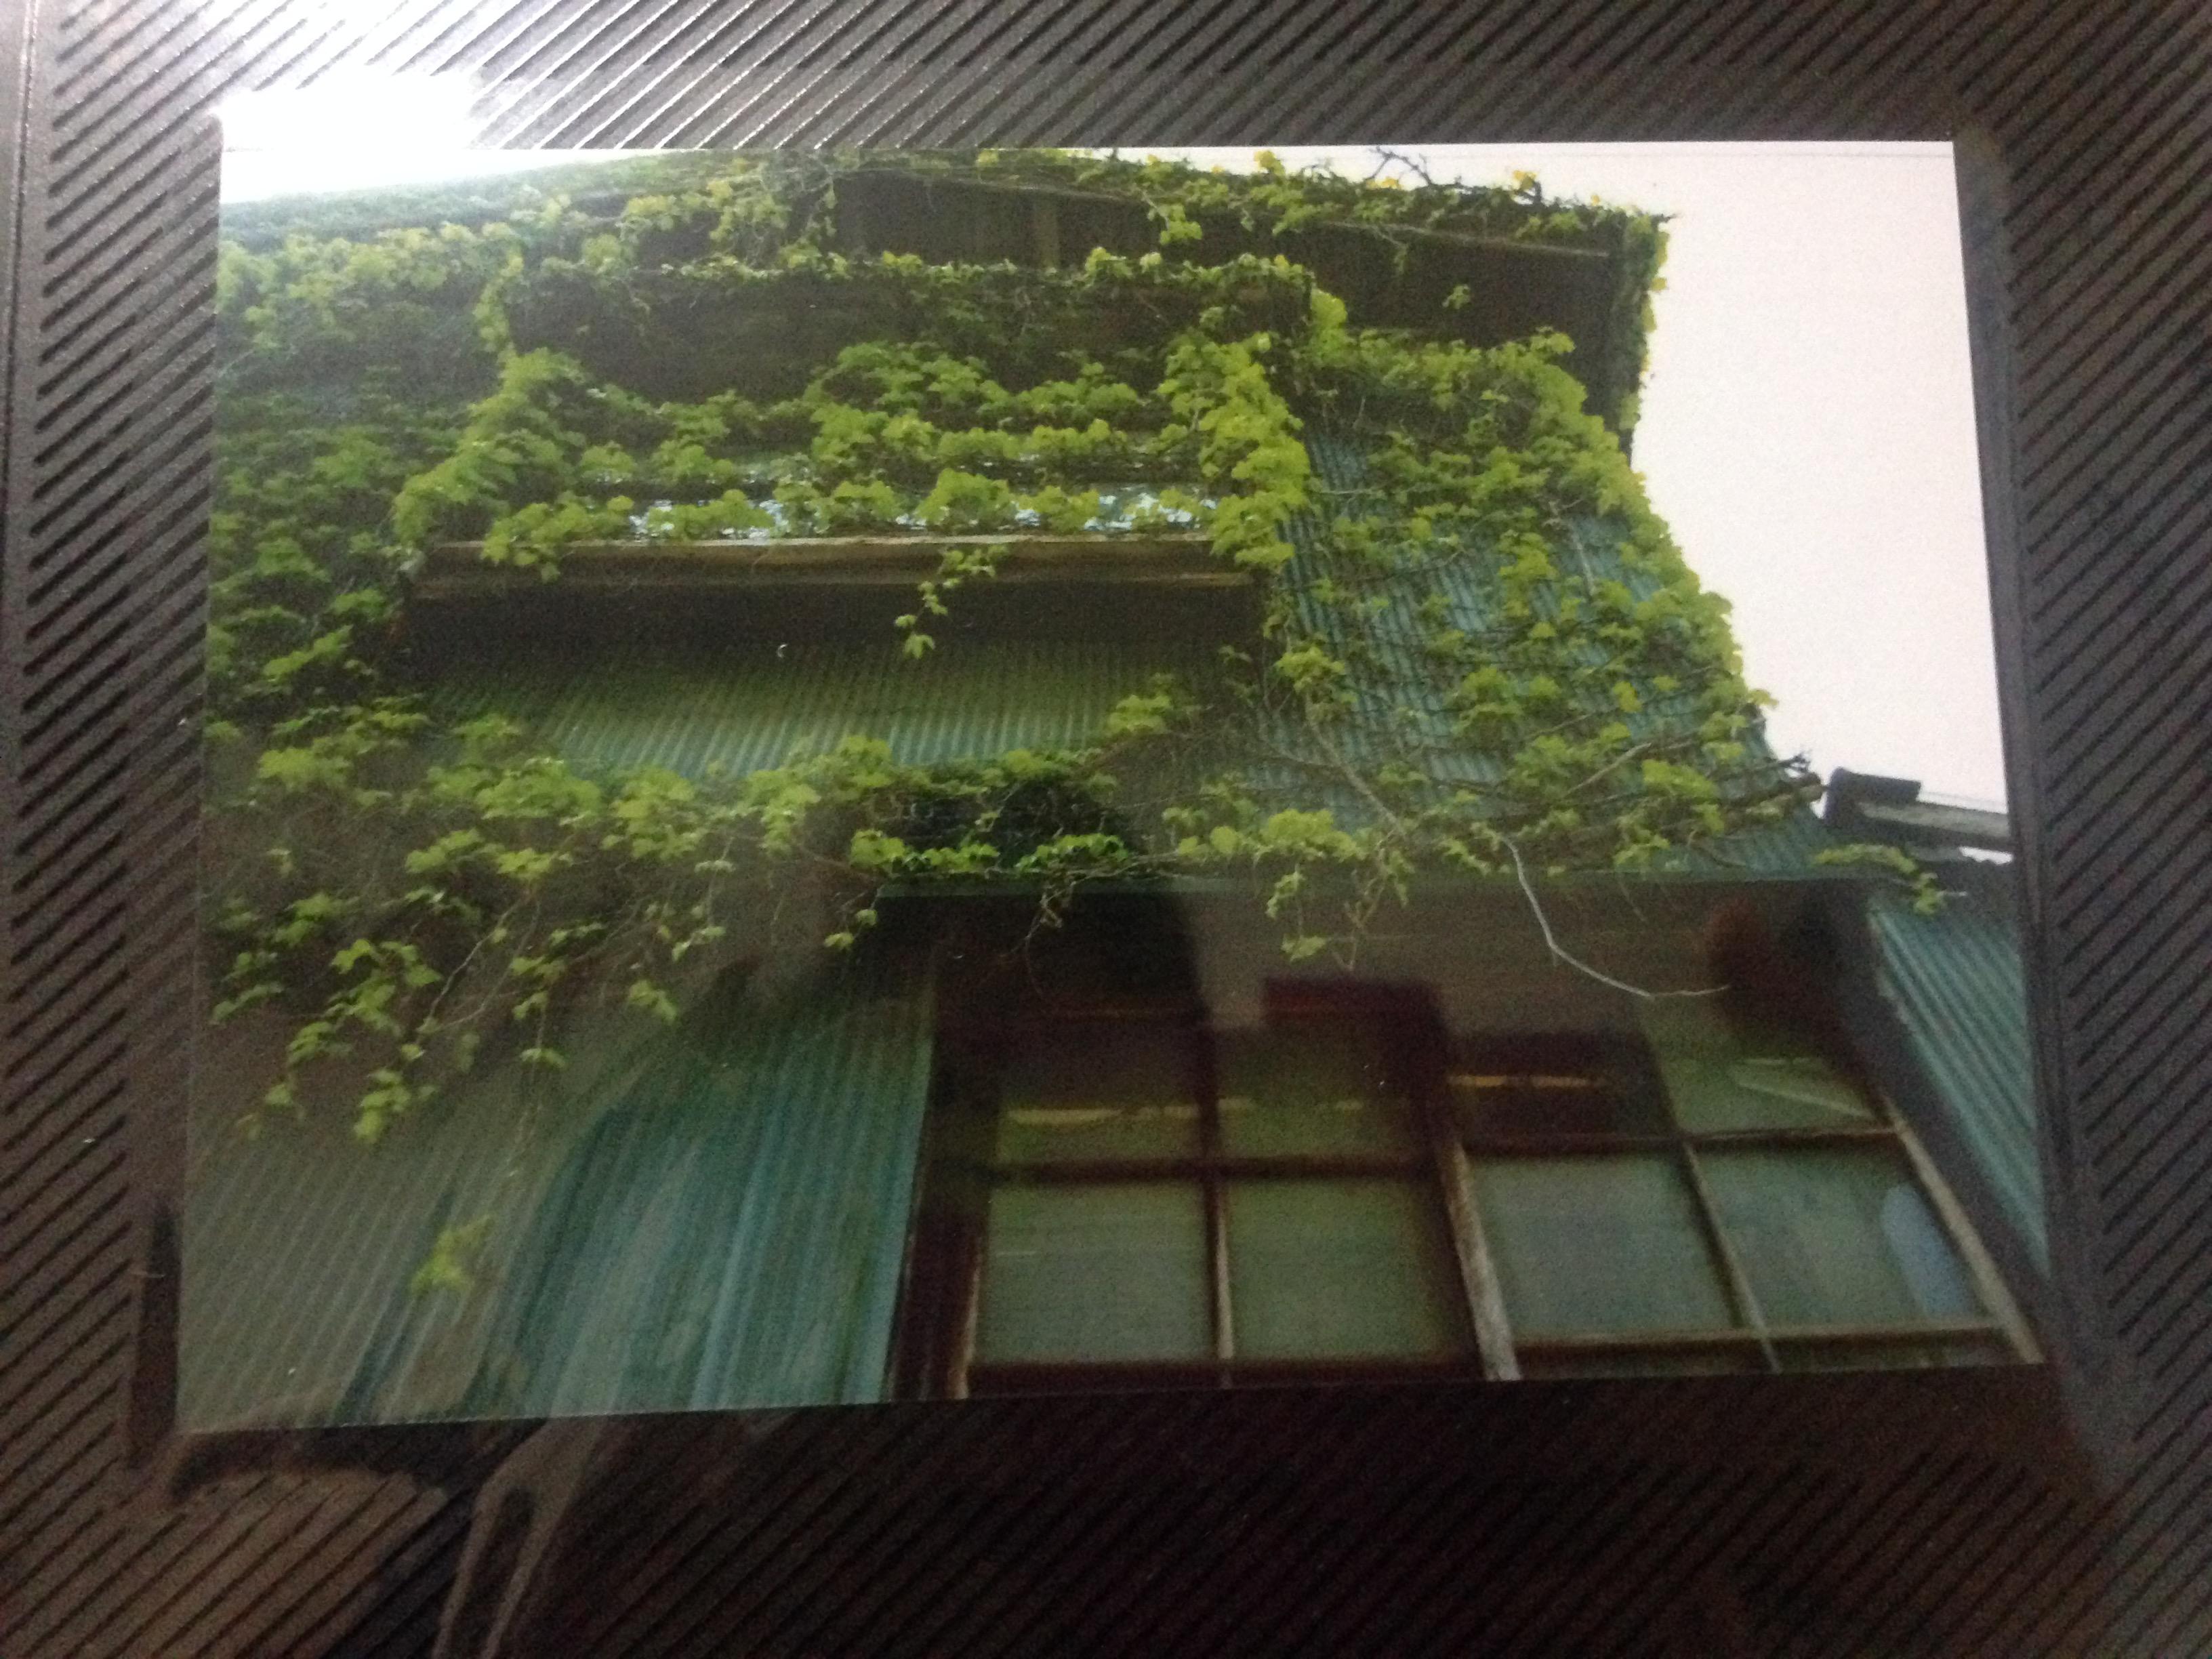 関学時代に撮った写真(2)@摂理の味